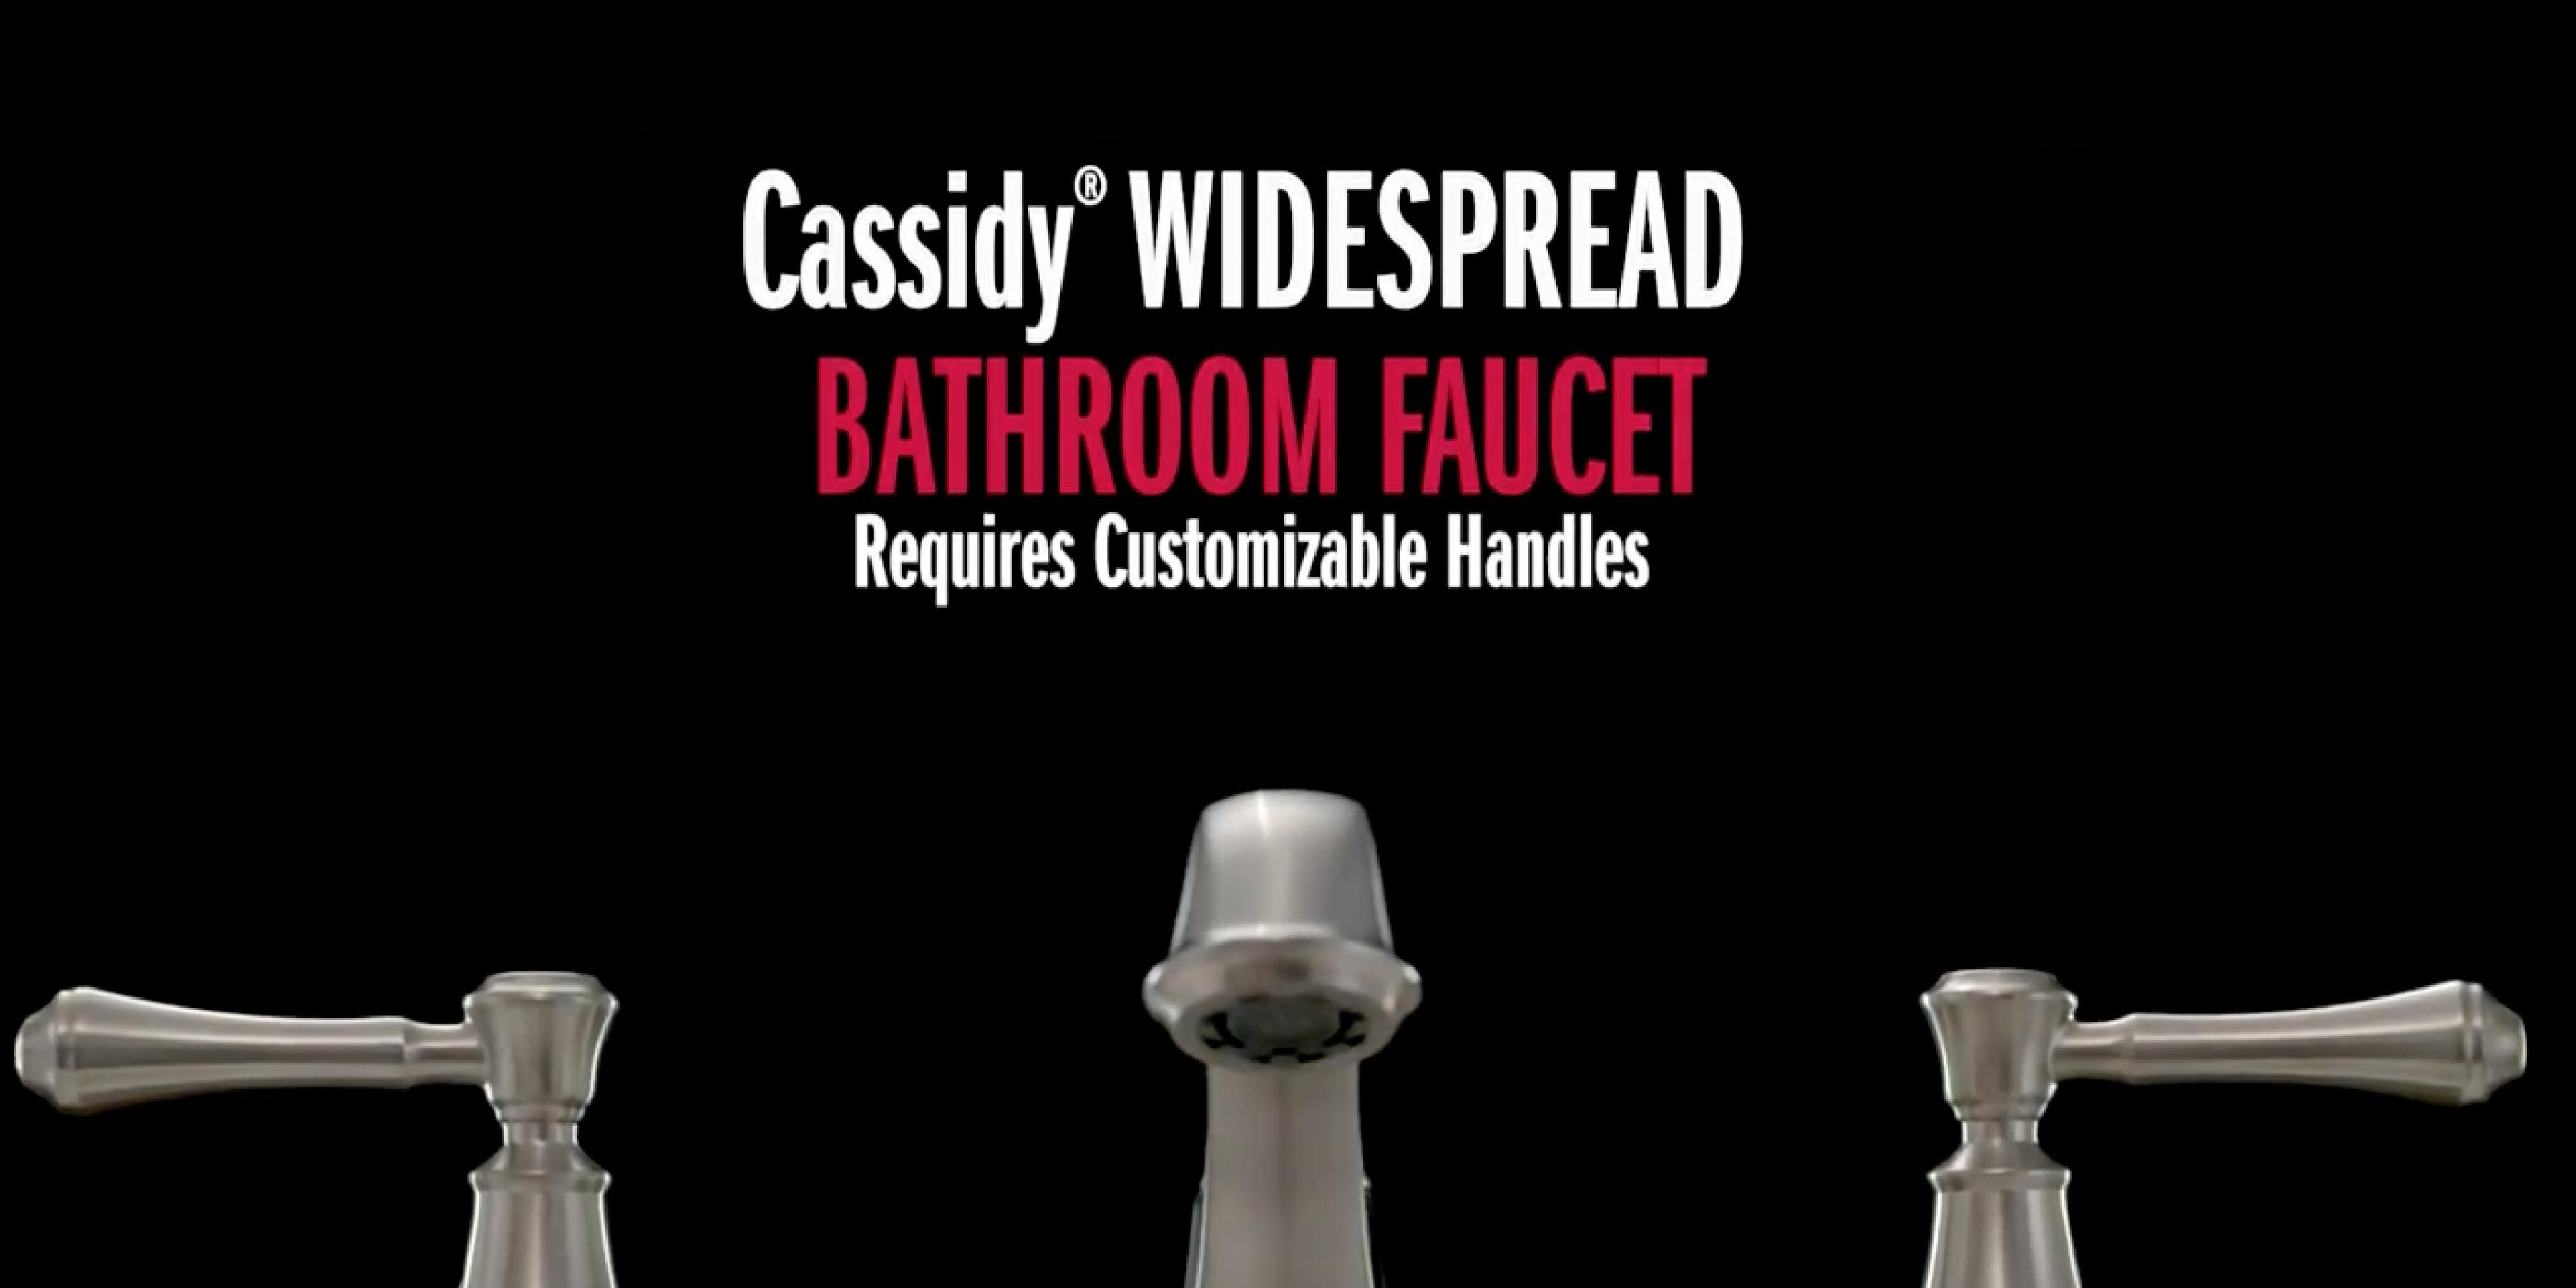 Cassidy® Widespread Bathroom Faucet